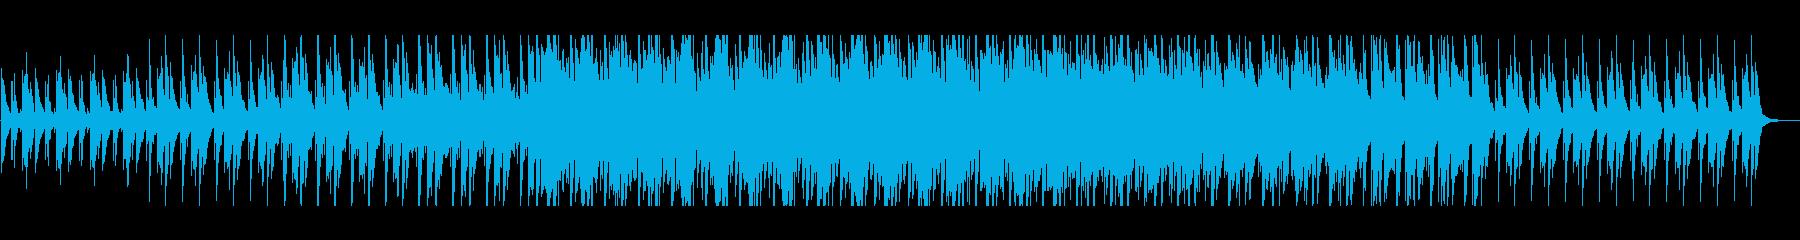 木琴とピアノの浮遊感あるループした曲の再生済みの波形